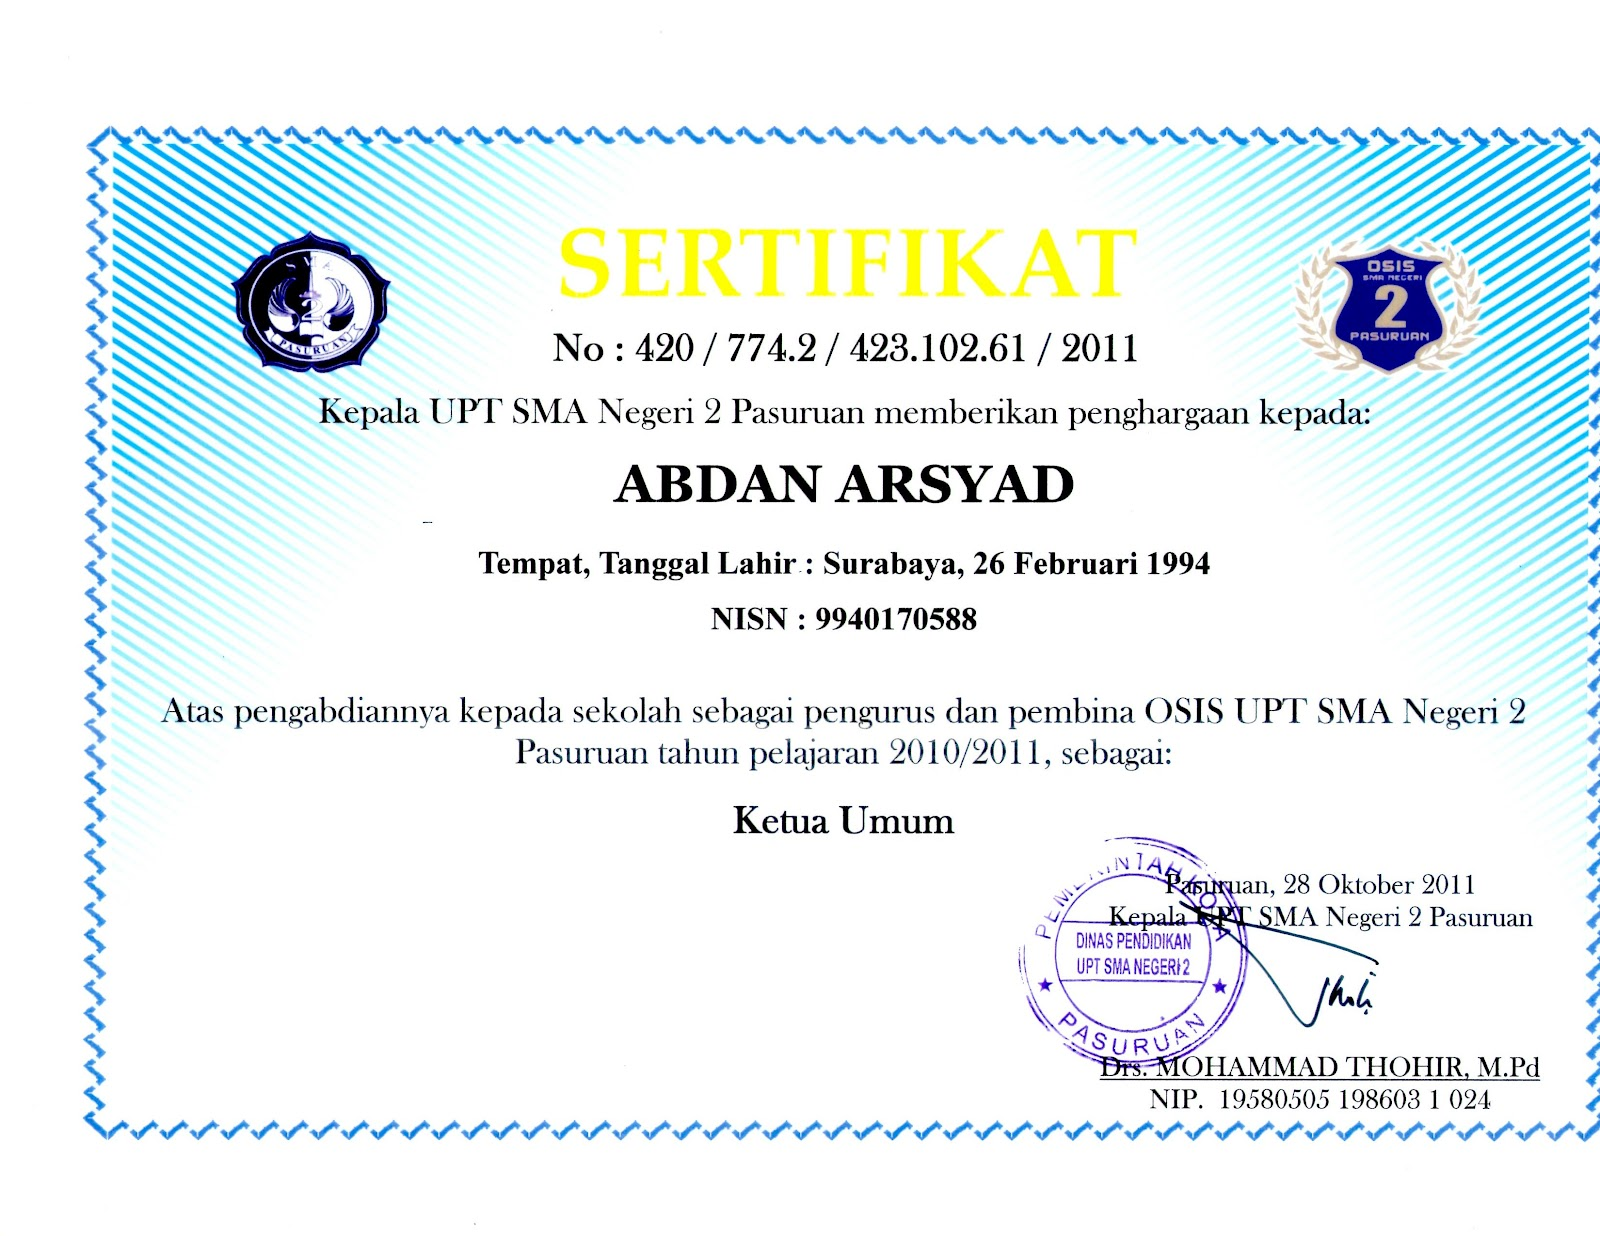 Diposkan oleh abdan arsyad di 3/24/2012 04:28:00 PM